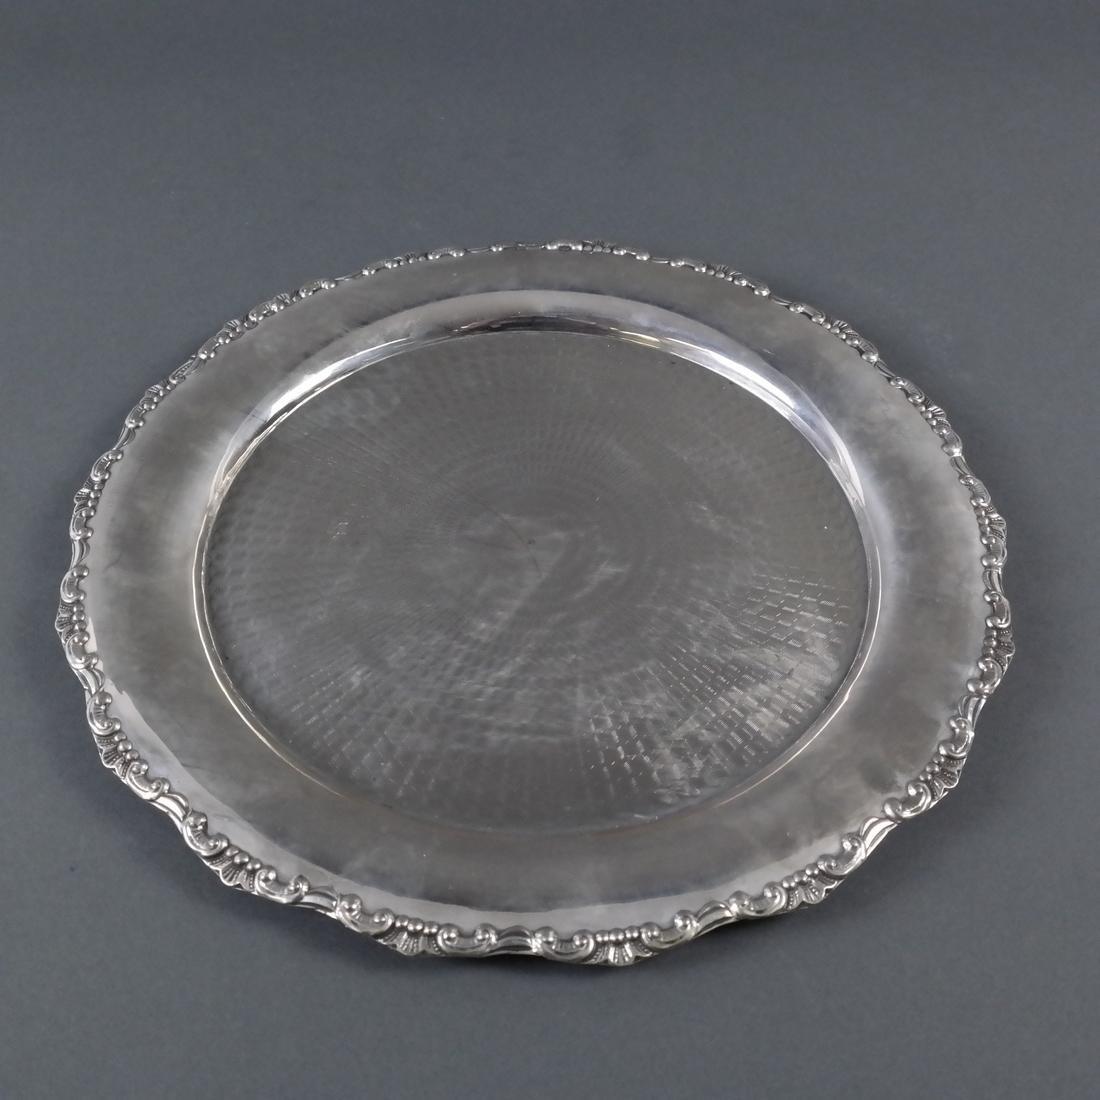 .800 Standard Silver Round Salver